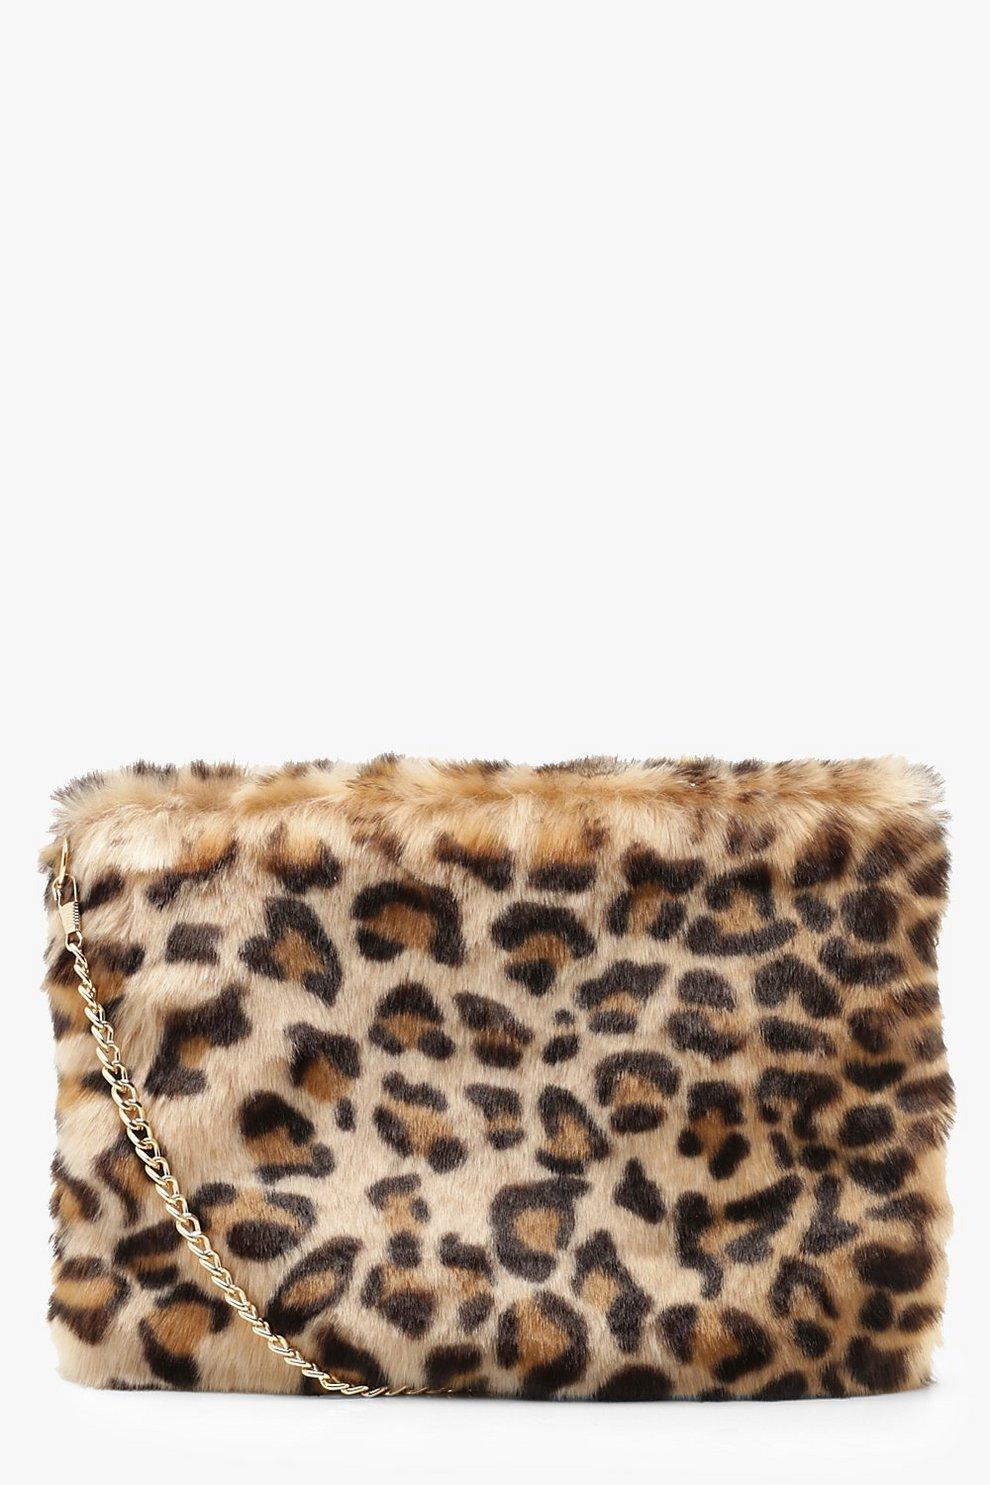 c61d9dc635 Faux Fur Leopard Cross Body Bag